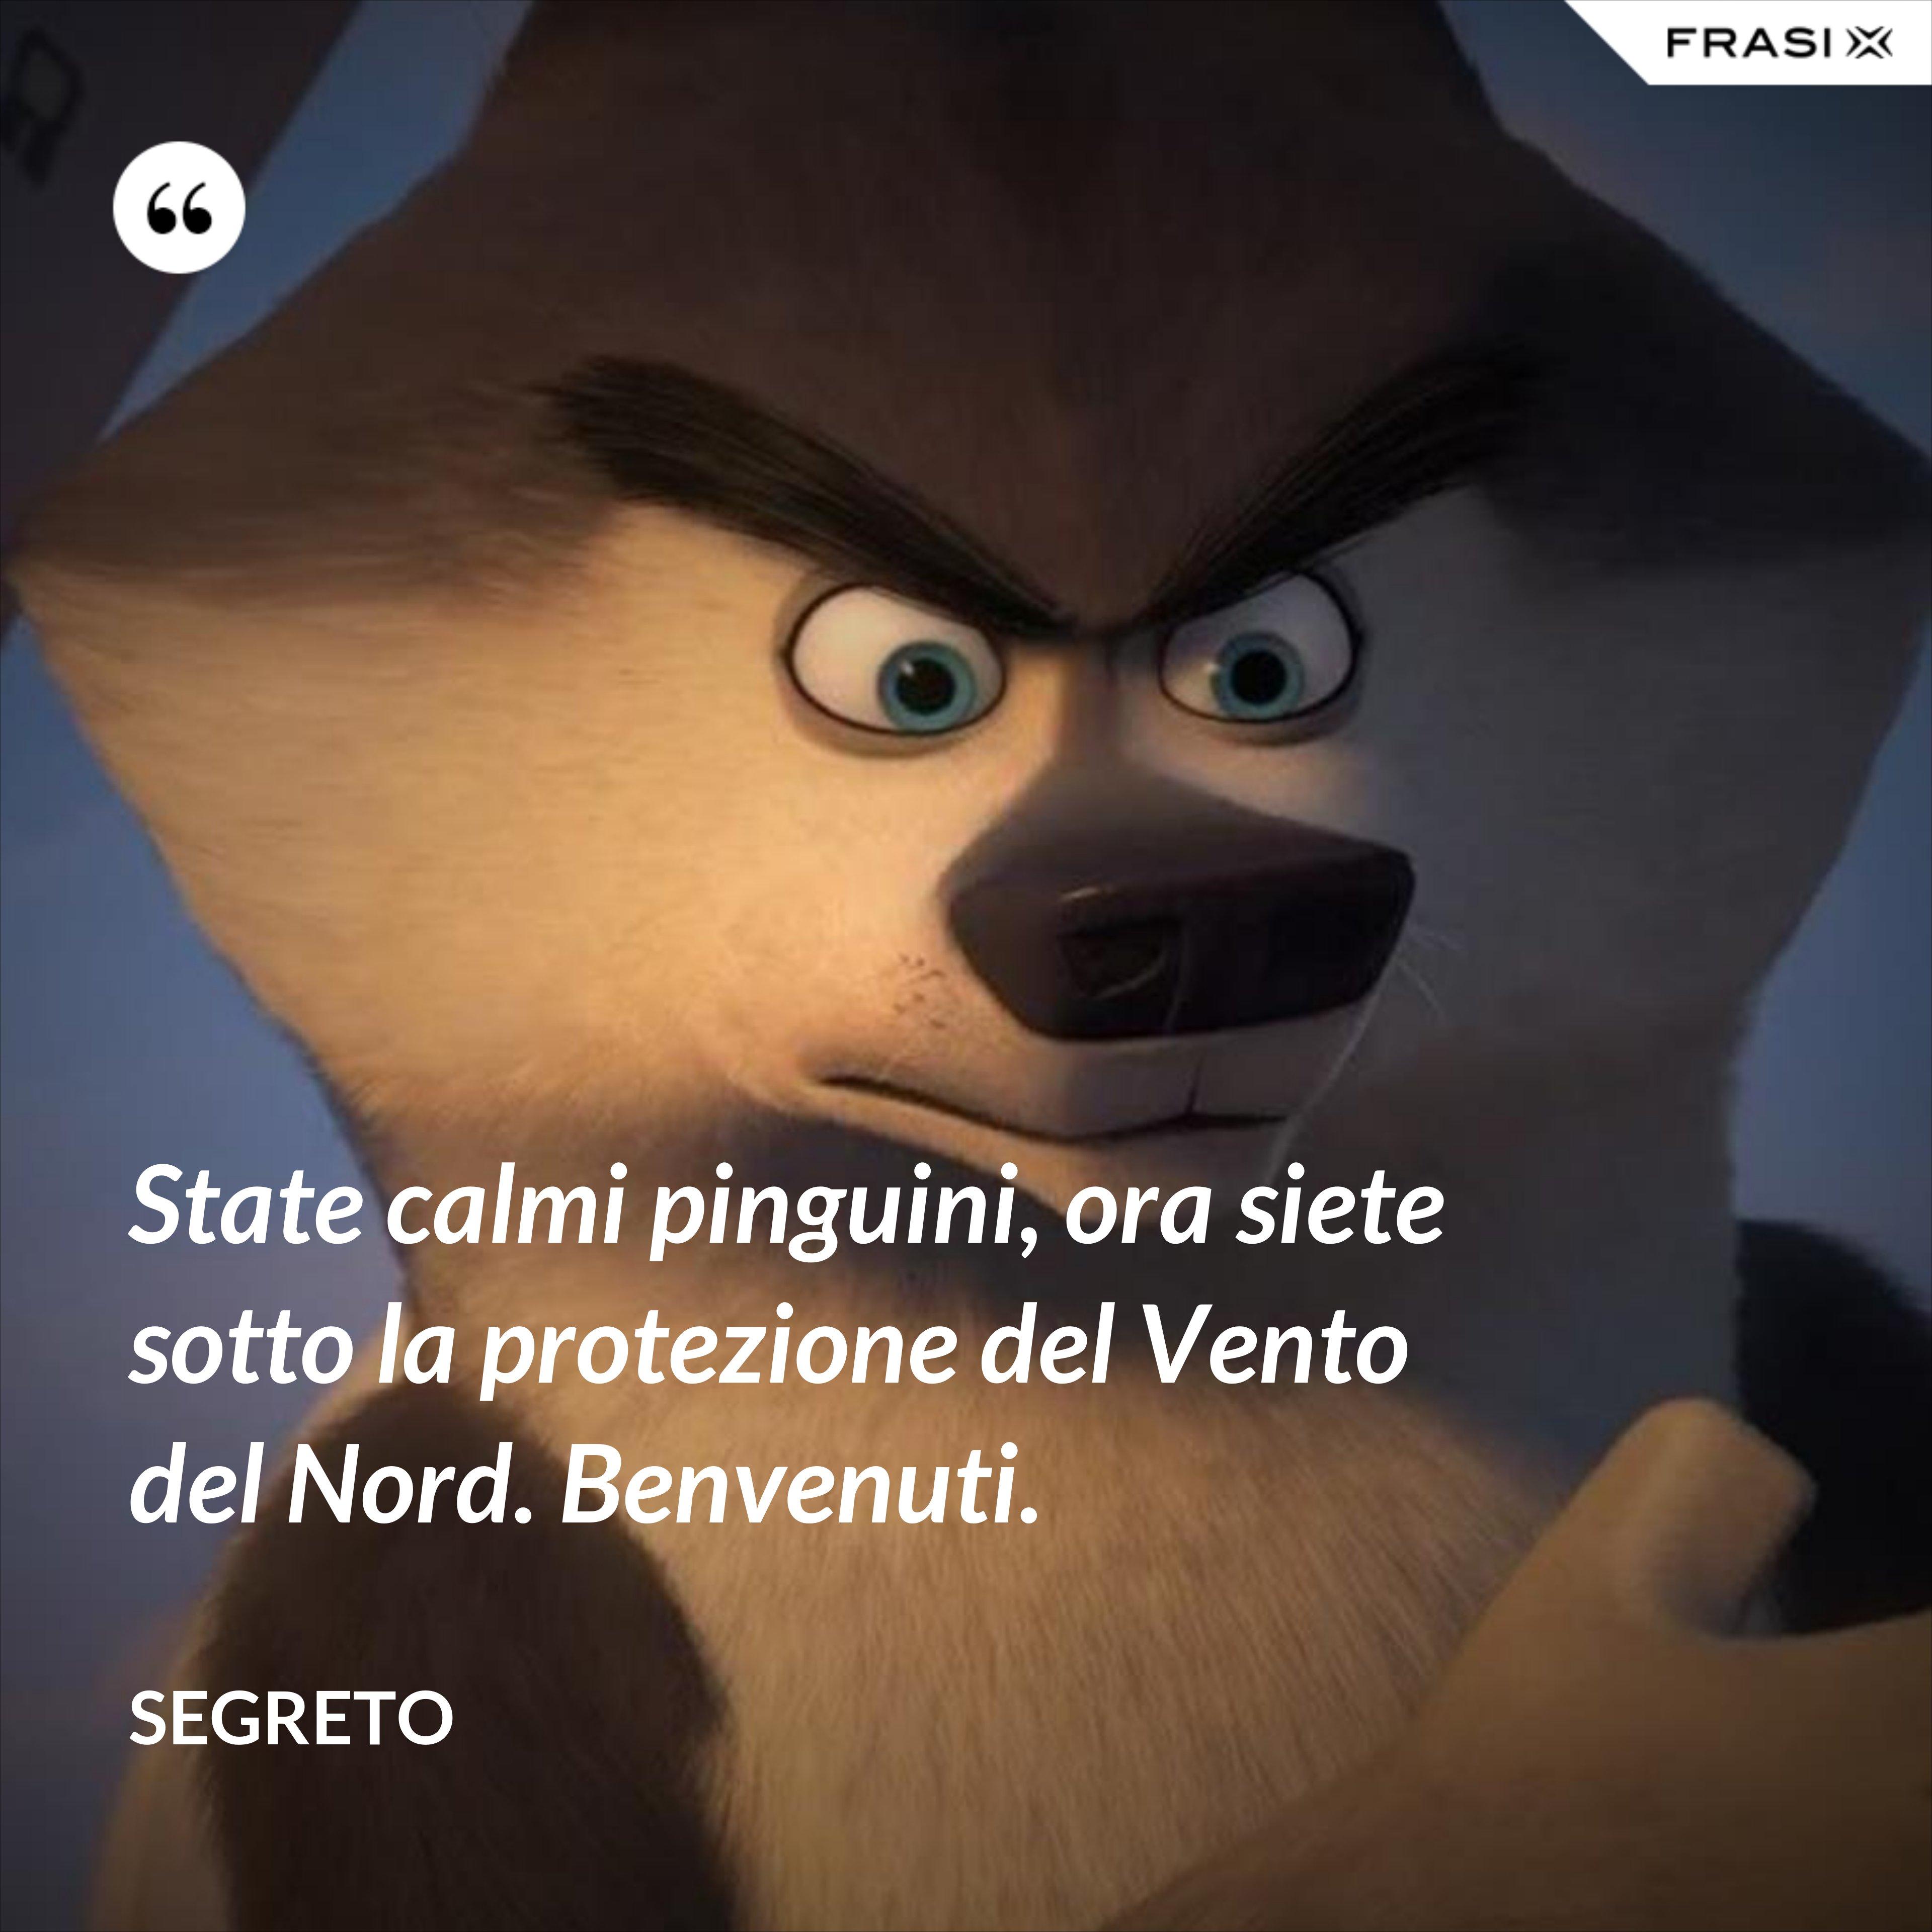 State calmi pinguini, ora siete sotto la protezione del Vento del Nord. Benvenuti. - Segreto